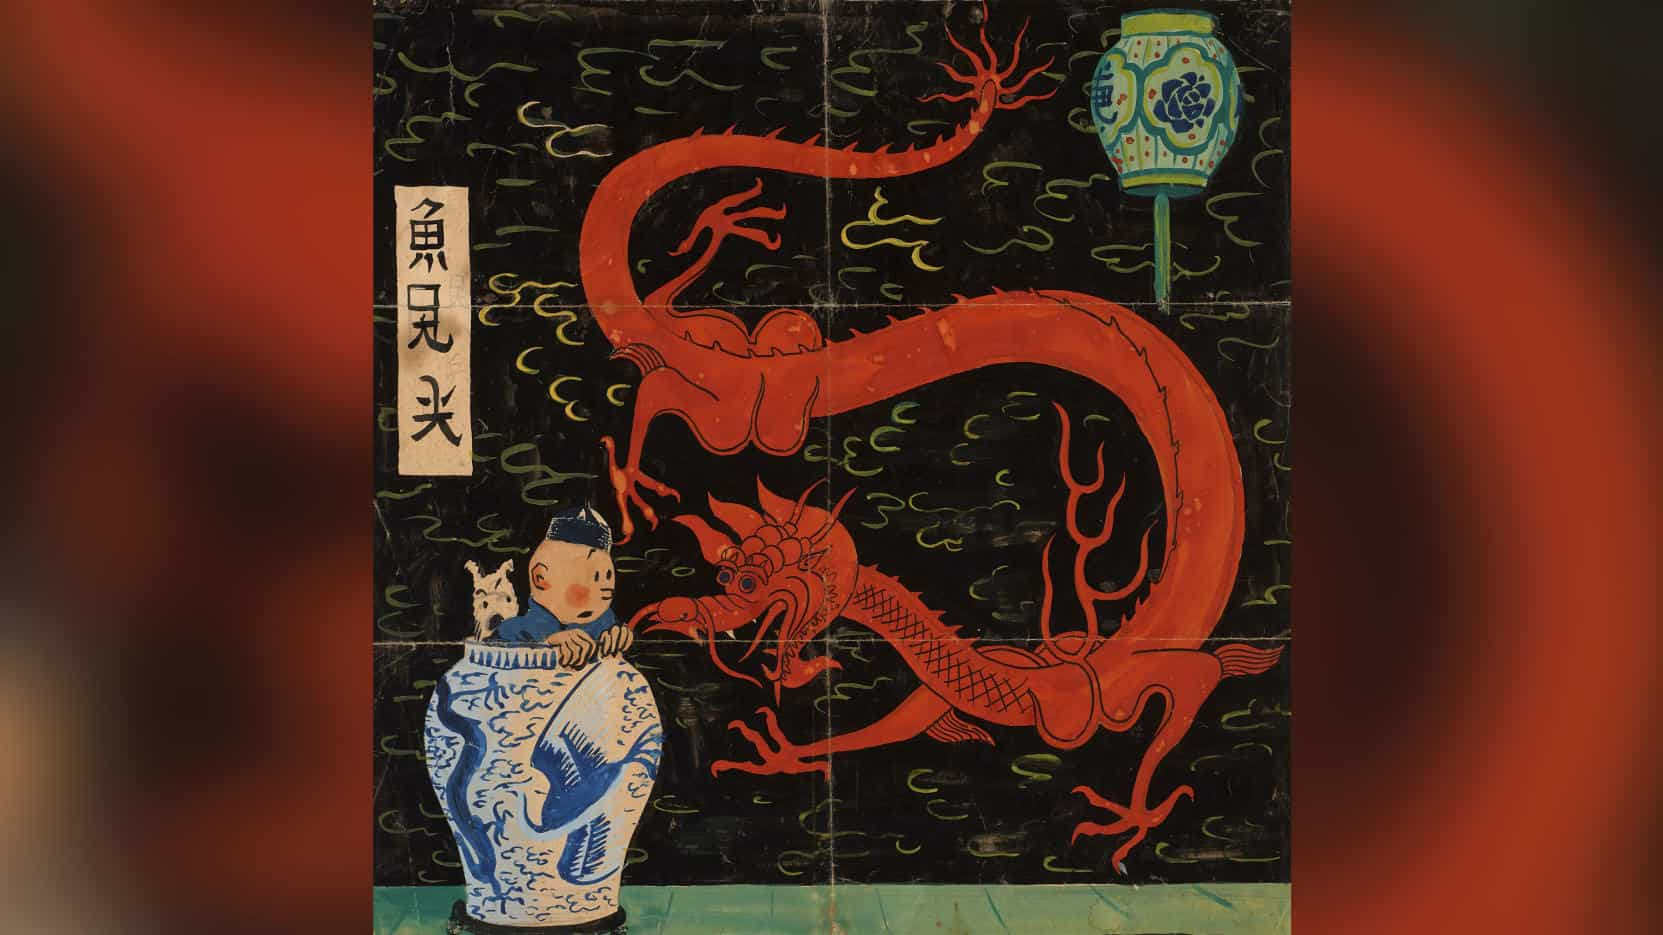 Una copertina (scartata) per l'avventura di Tintin 'Il loto bu' venduta per la cifra record di 3,2 milioni di euro